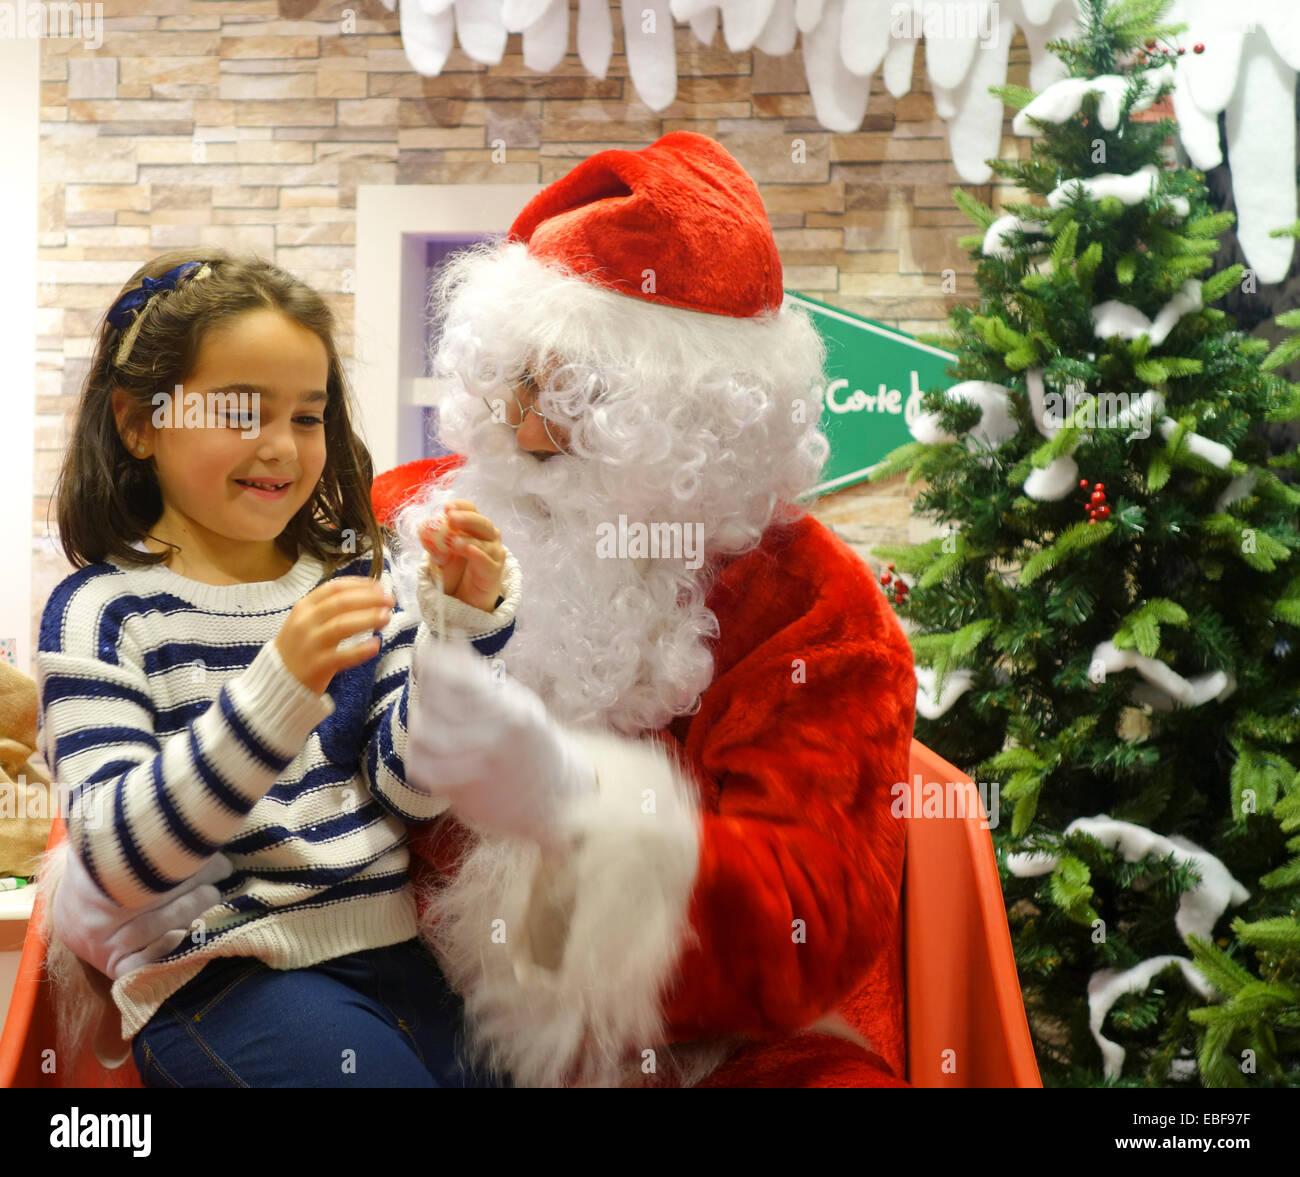 santa-claus-at-shopping-mall-with-girl-o